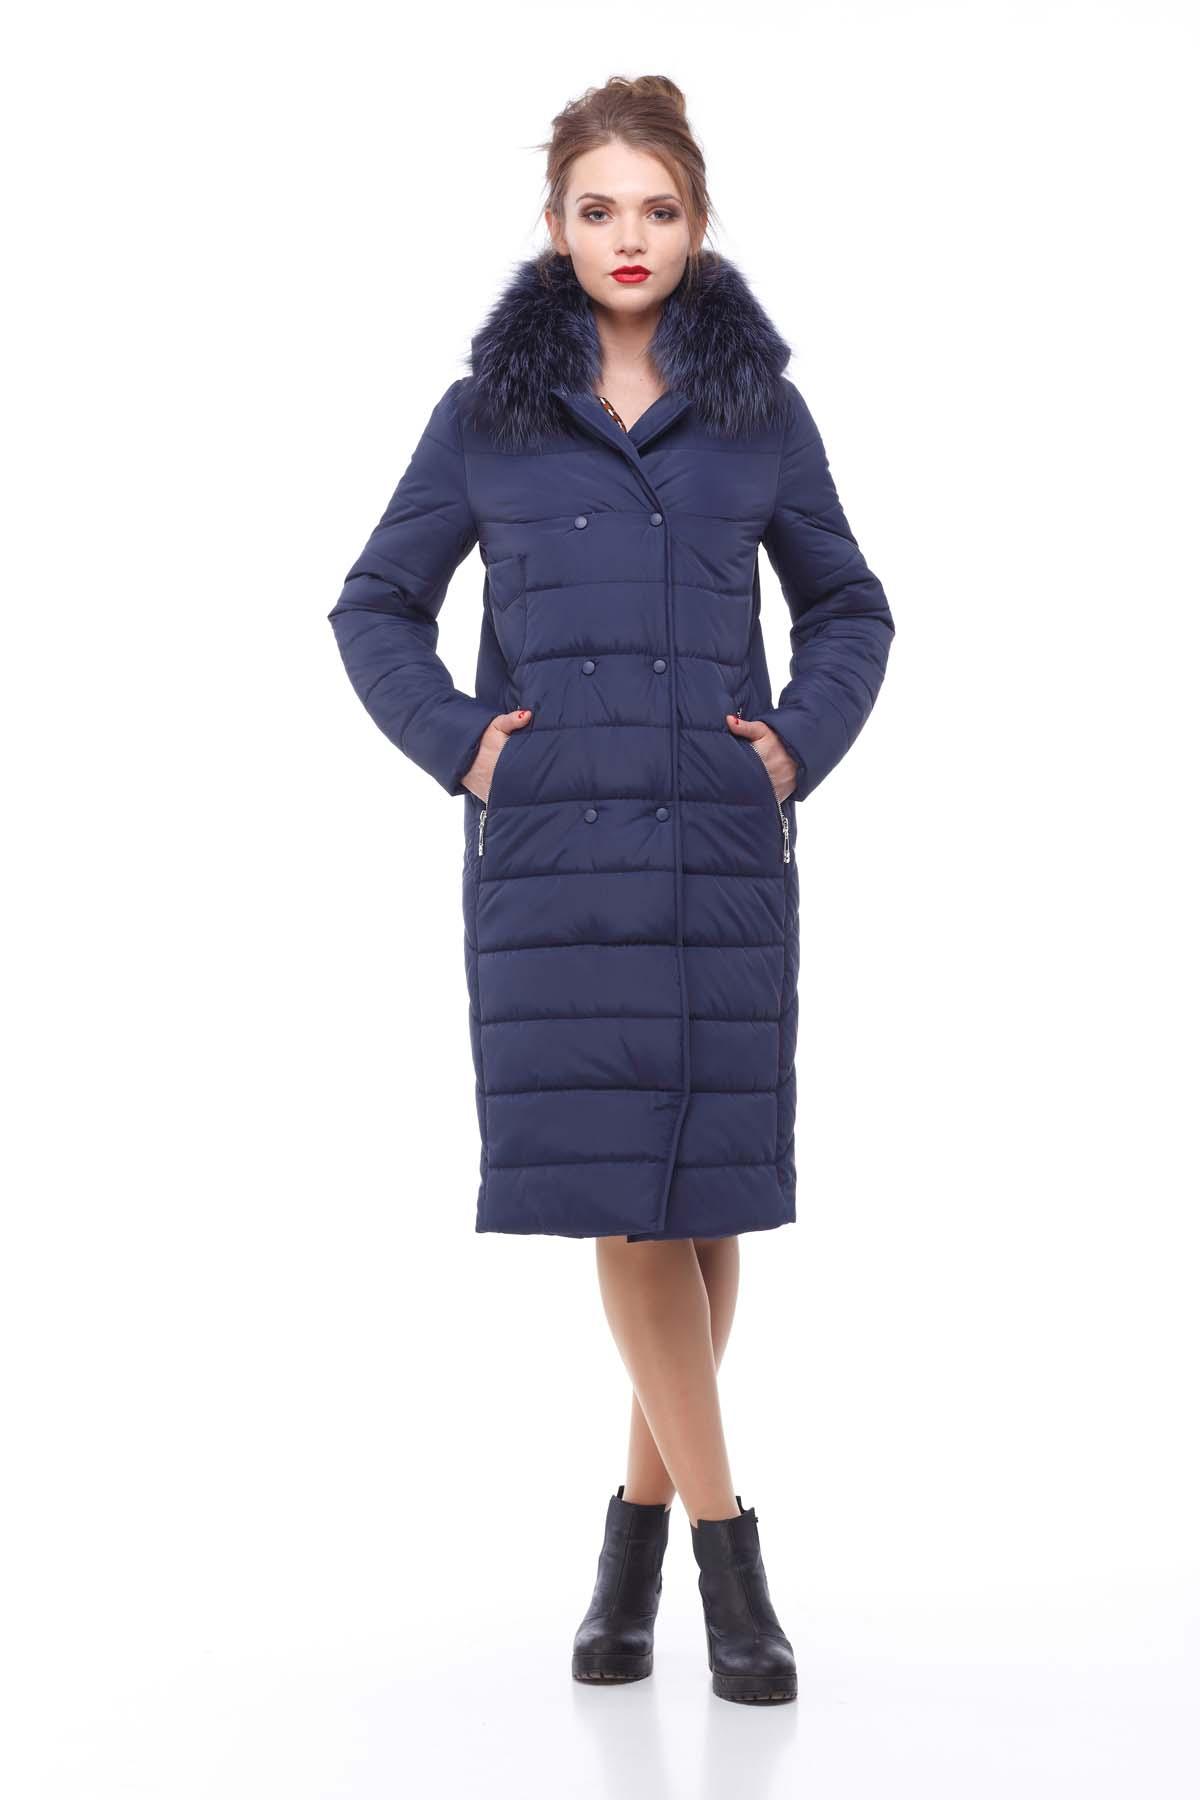 Зимове пальто стьогане Кім Зима, чорнобурка темно-синій